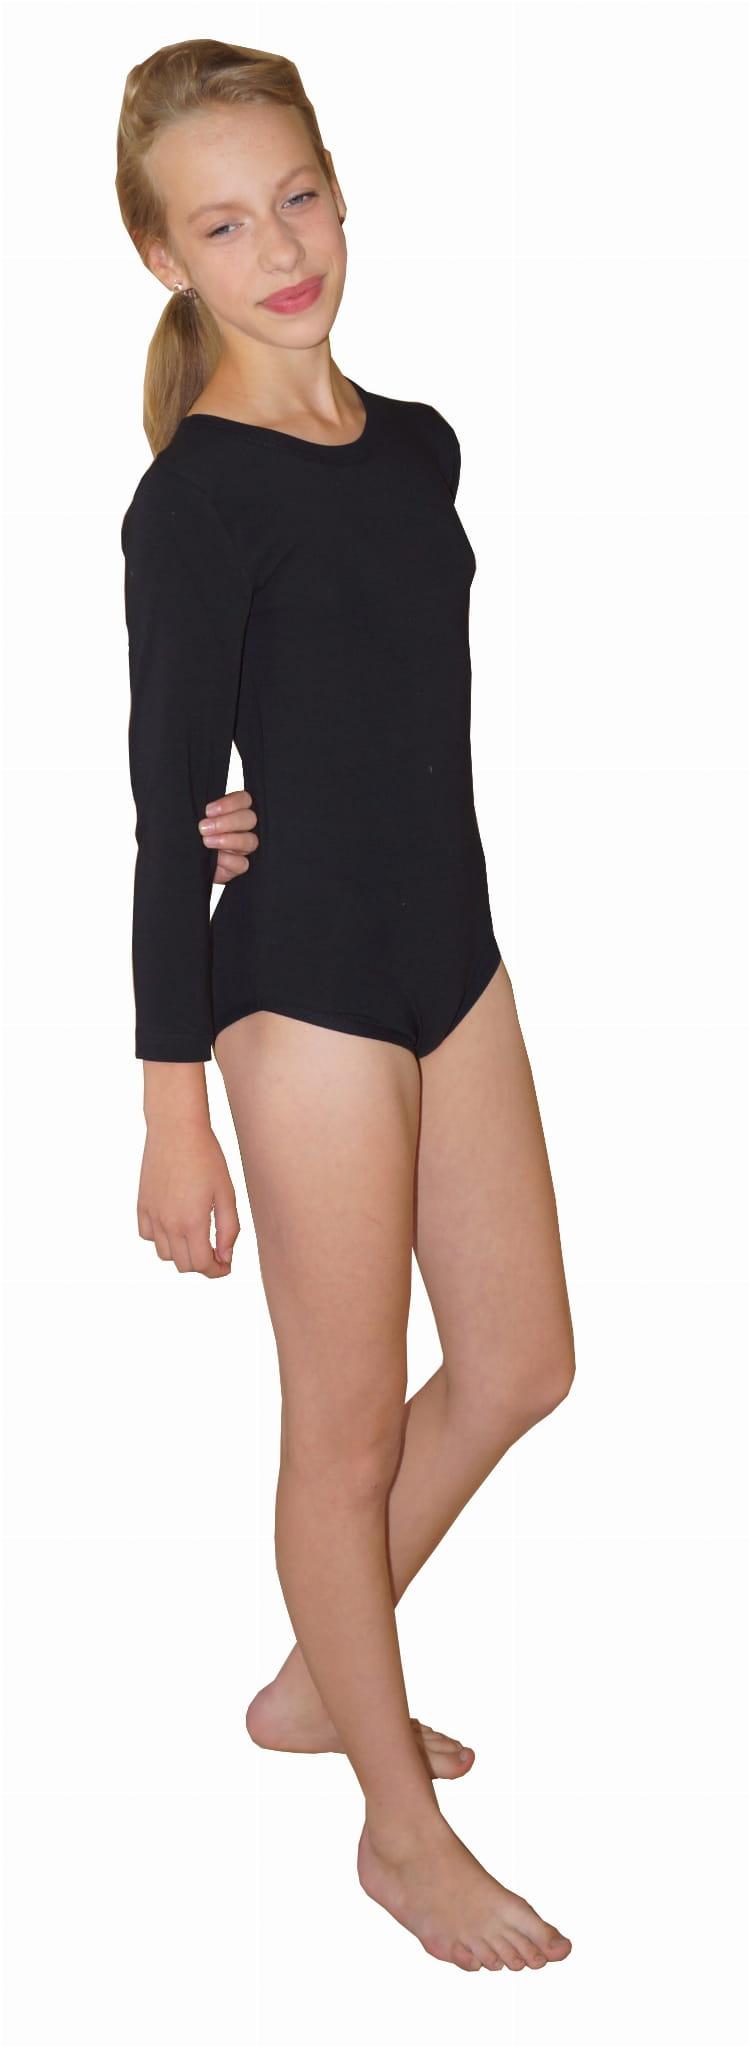 05b09b18329fa8 Body gimnastyczne bawełniane z lycrą, długi rękaw - długi rękaw ...